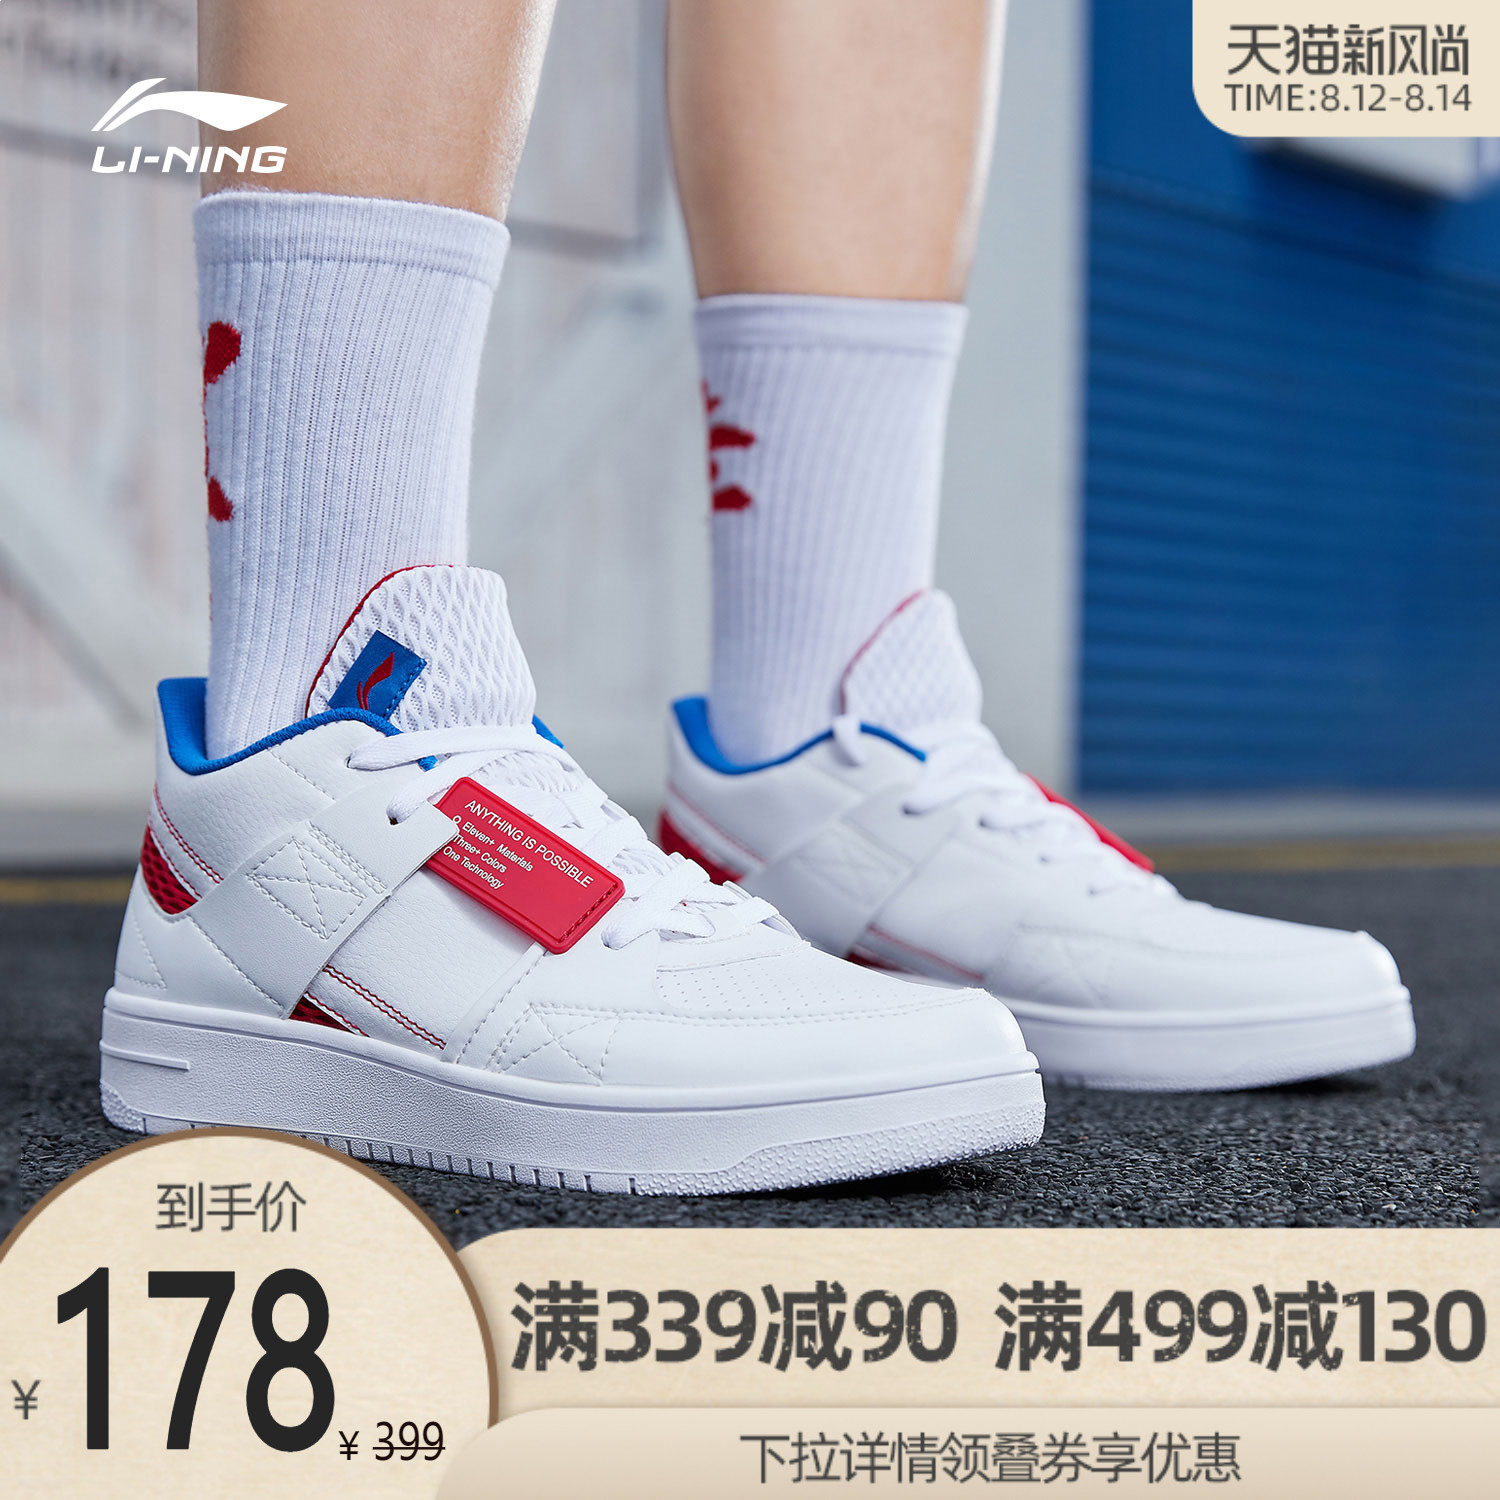 李宁板鞋男鞋律变高帮百搭平板休闲鞋时尚运动鞋2020新款小白鞋男